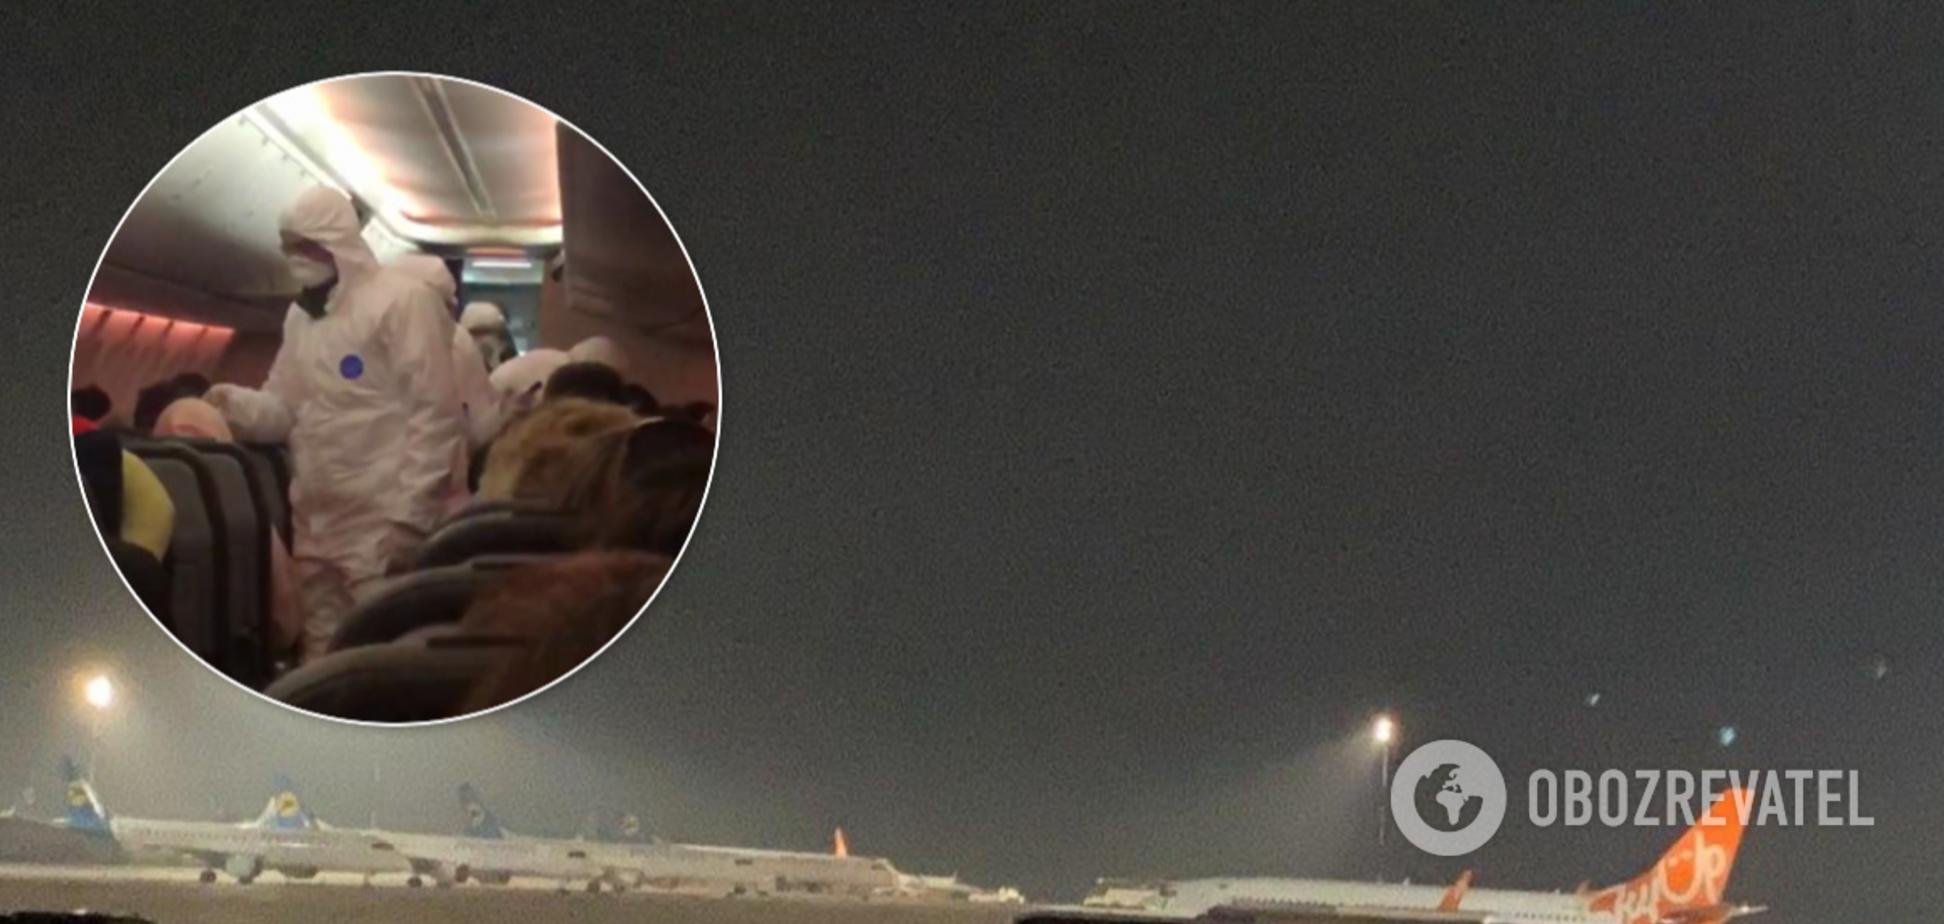 В 'Борисполь' прибыли два самолета с украинцами из Катара: люди оказались 'в плену'. Эксклюзивные кадры